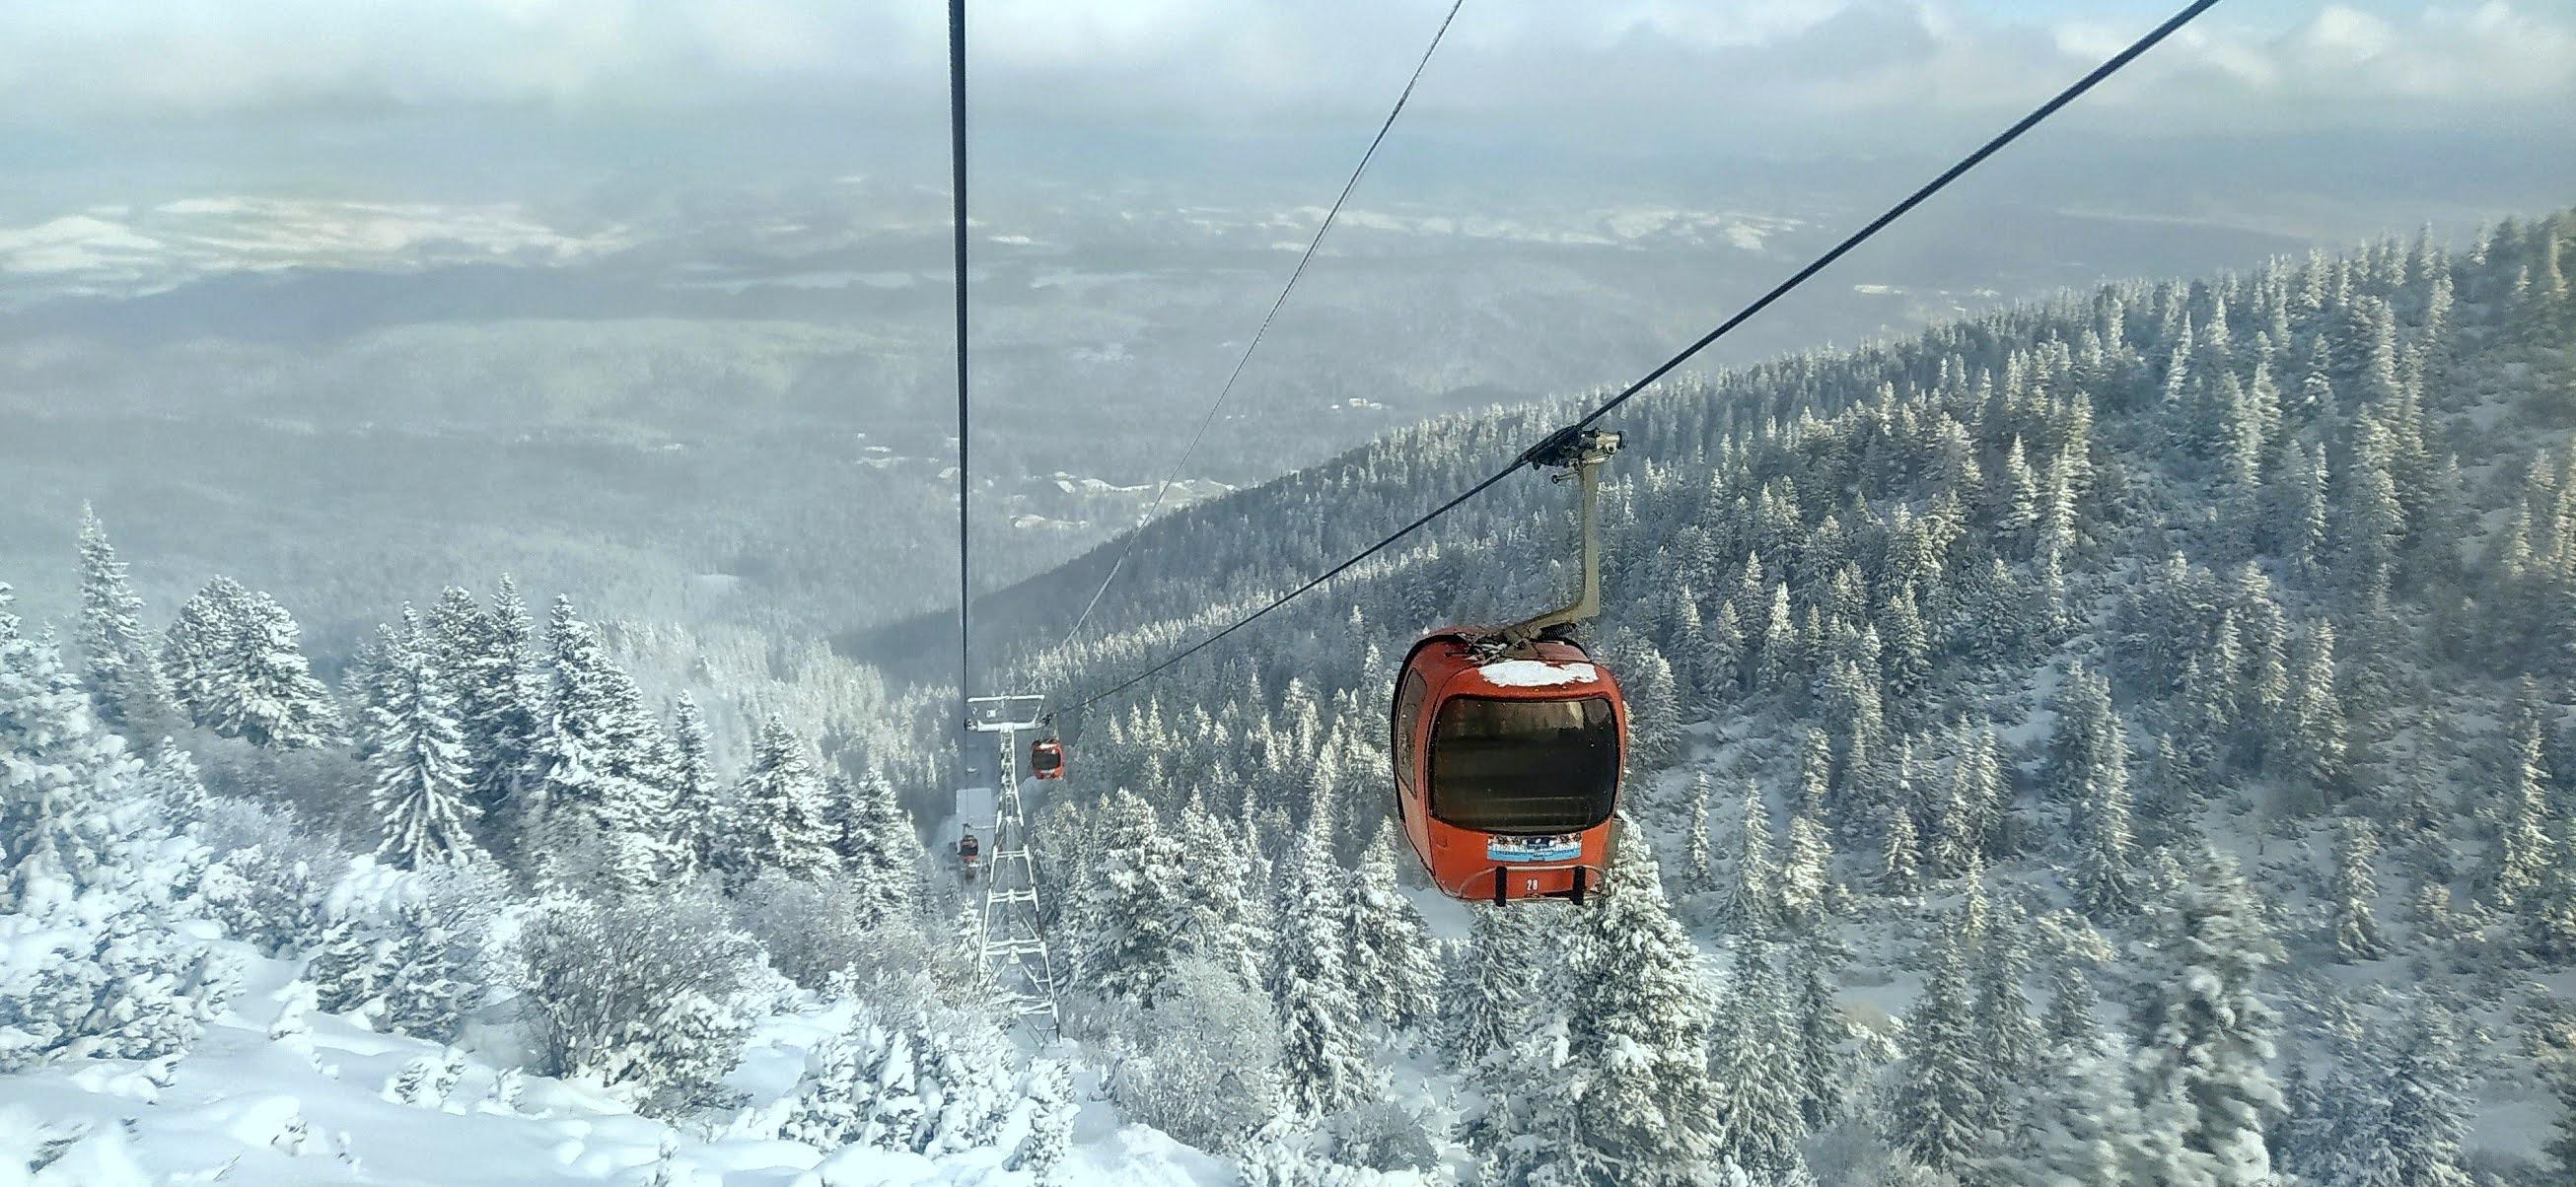 Bułgarskie stoki narciarskie – zima na Bałkanach